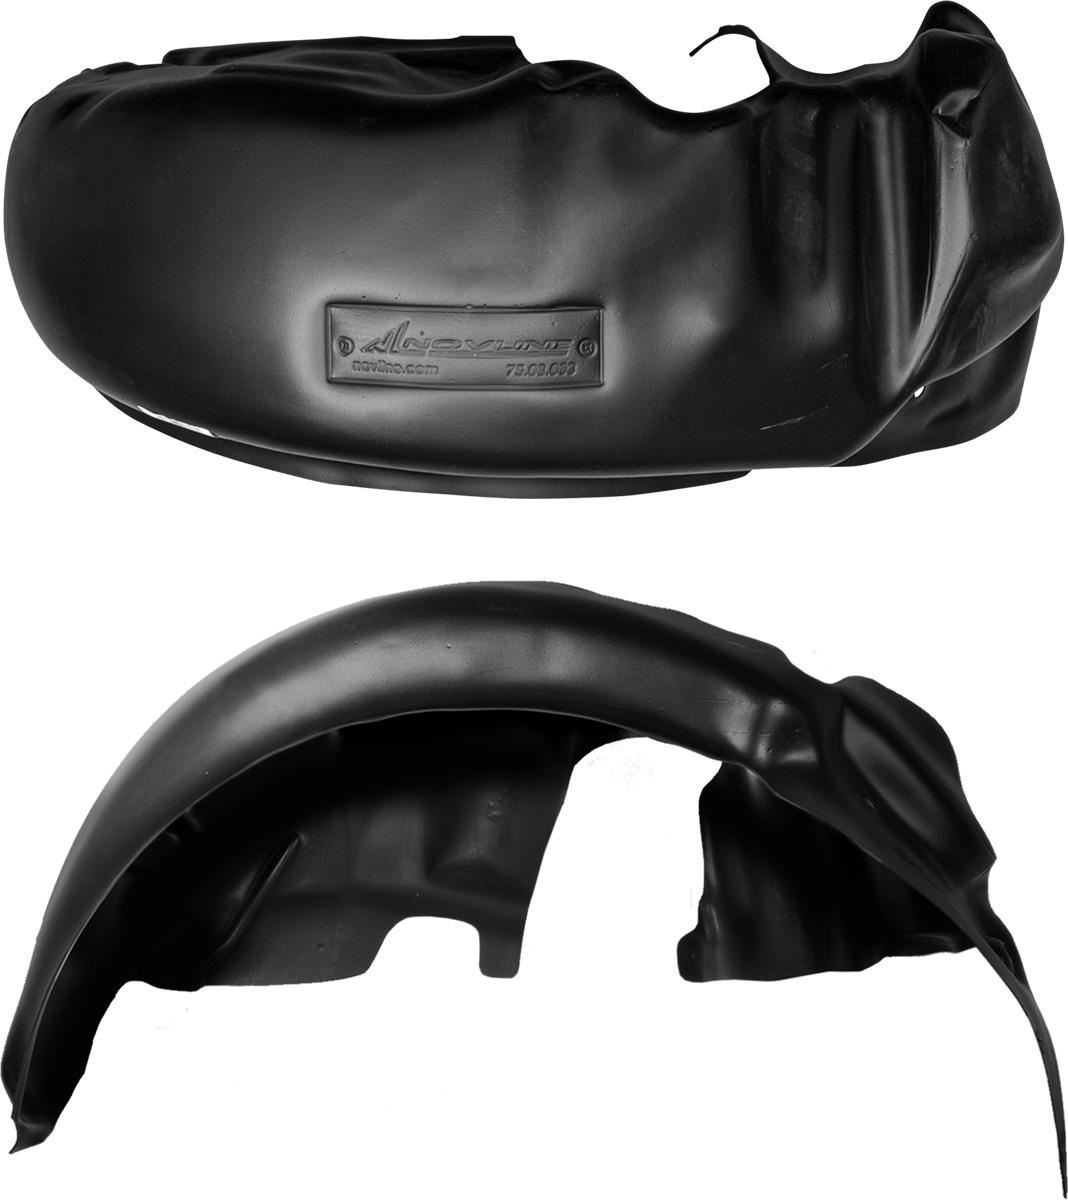 Подкрылок Novline-Autofamily, для Fiat Ducato, 2006-2012, передний левыйNLL.15.10.001Колесные ниши - одни из самых уязвимых зон днища вашего автомобиля. Они постоянно подвергаются воздействию со стороны дороги. Лучшая, почти абсолютная защита для них - специально отформованные пластиковые кожухи, которые называются подкрылками. Производятся они как для отечественных моделей автомобилей, так и для иномарок. Подкрылки Novline-Autofamily выполнены из высококачественного, экологически чистого пластика. Обеспечивают надежную защиту кузова автомобиля от пескоструйного эффекта и негативного влияния, агрессивных антигололедных реагентов. Пластик обладает более низкой теплопроводностью, чем металл, поэтому в зимний период эксплуатации использование пластиковых подкрылков позволяет лучше защитить колесные ниши от налипания снега и образования наледи. Оригинальность конструкции подчеркивает элегантность автомобиля, бережно защищает нанесенное на днище кузова антикоррозийное покрытие и позволяет осуществить крепление подкрылков внутри колесной арки практически без...